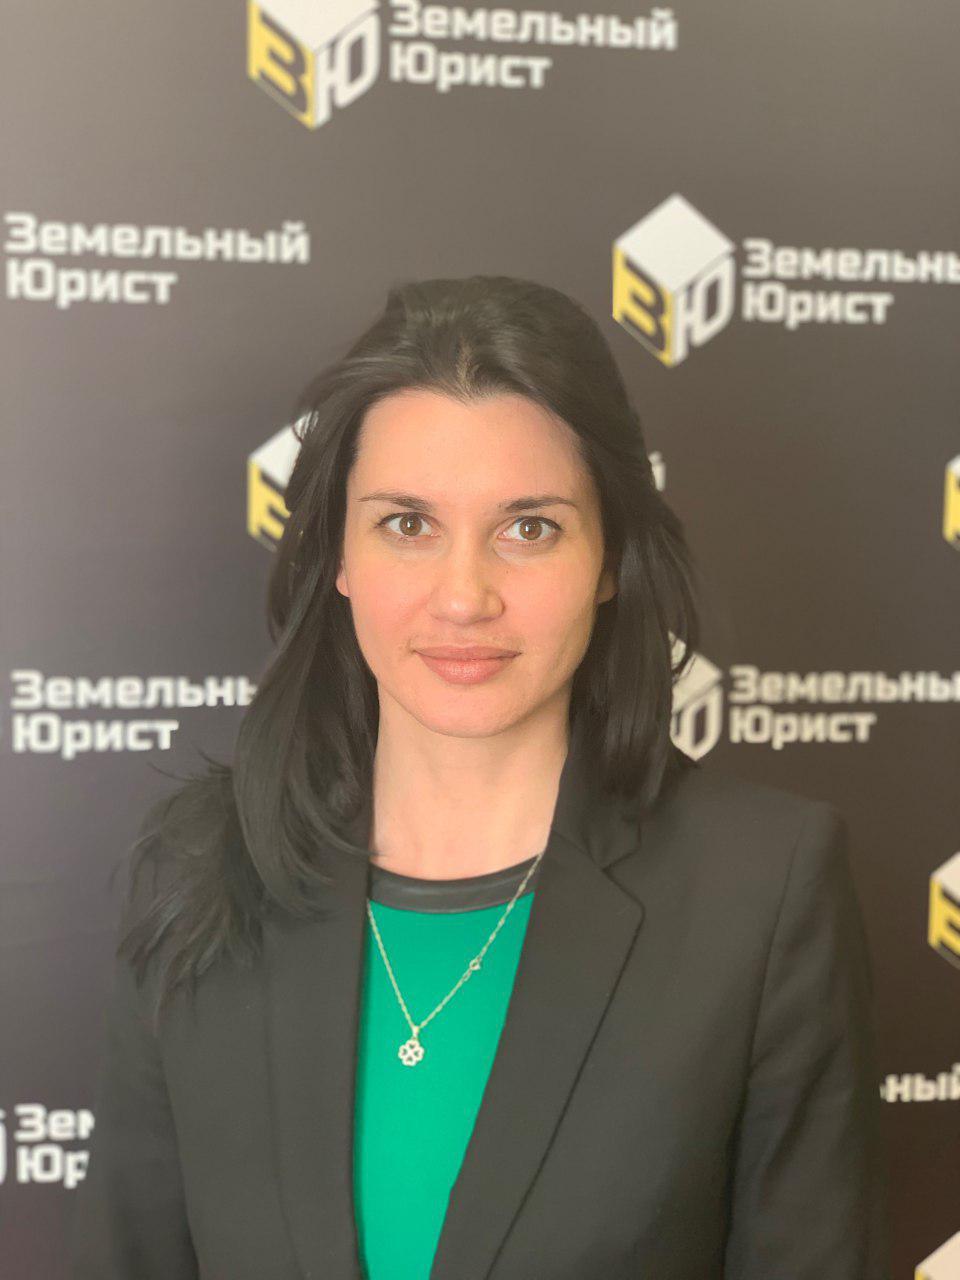 Ярцева Евгения Михайловна